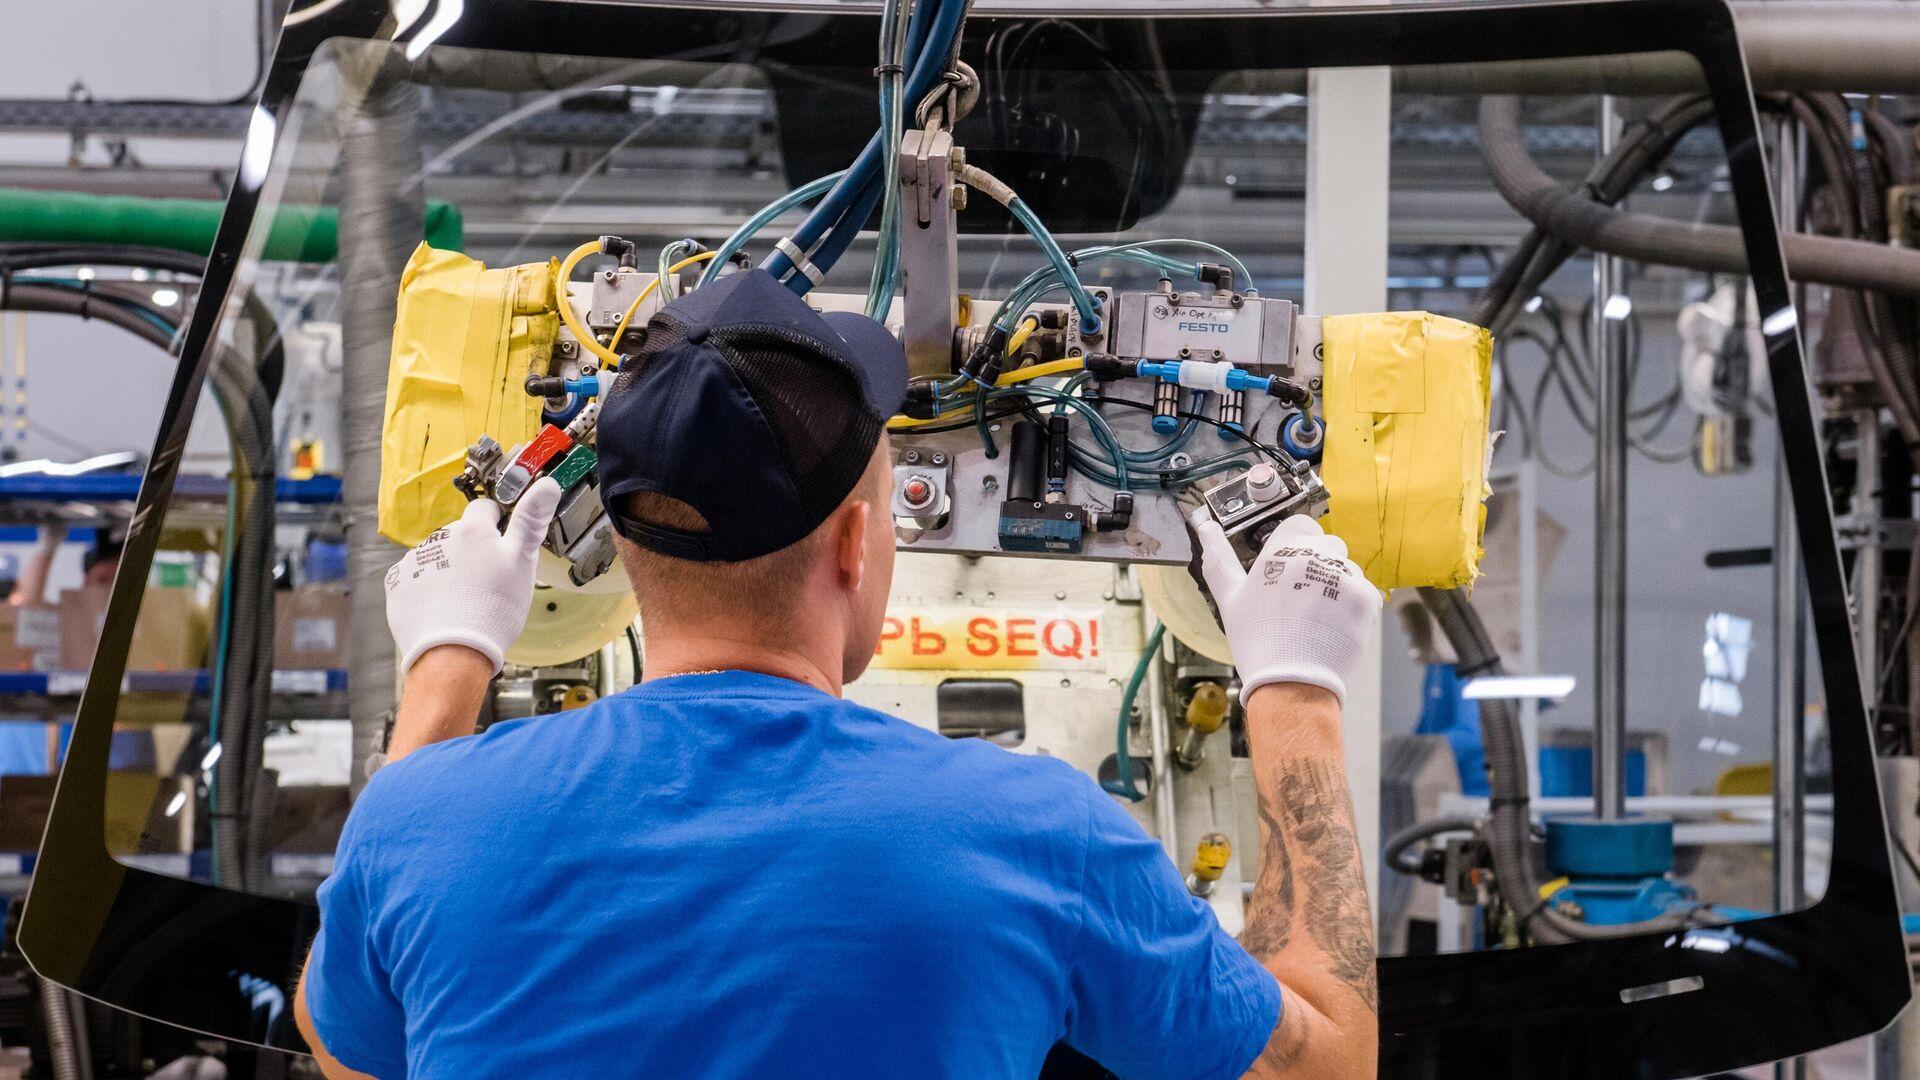 Рабочий устанавливают стекла в автомобиль на участке сборочного конвейера завода Hyundai Motor Manufacturing Rus в Санкт-Петербурге - РИА Новости, 1920, 29.04.2021